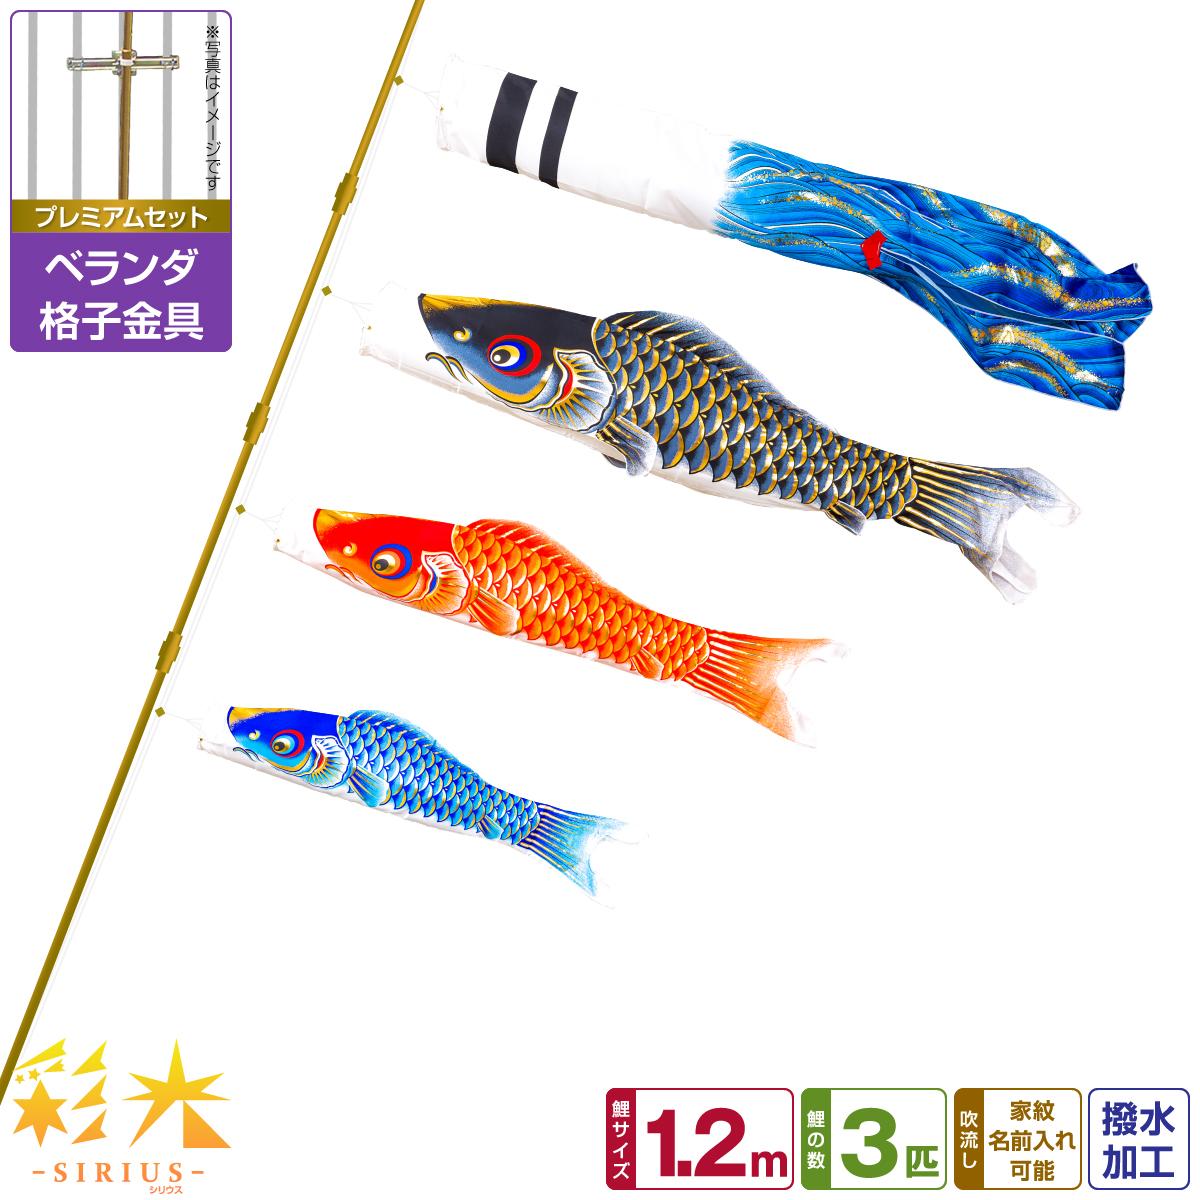 ベランダ用 こいのぼり 鯉のぼり SIRIUS/彩光鯉 1.2m 6点(吹流し+鯉3匹+矢車+ロープ)/プレミアムセット(格子金具)